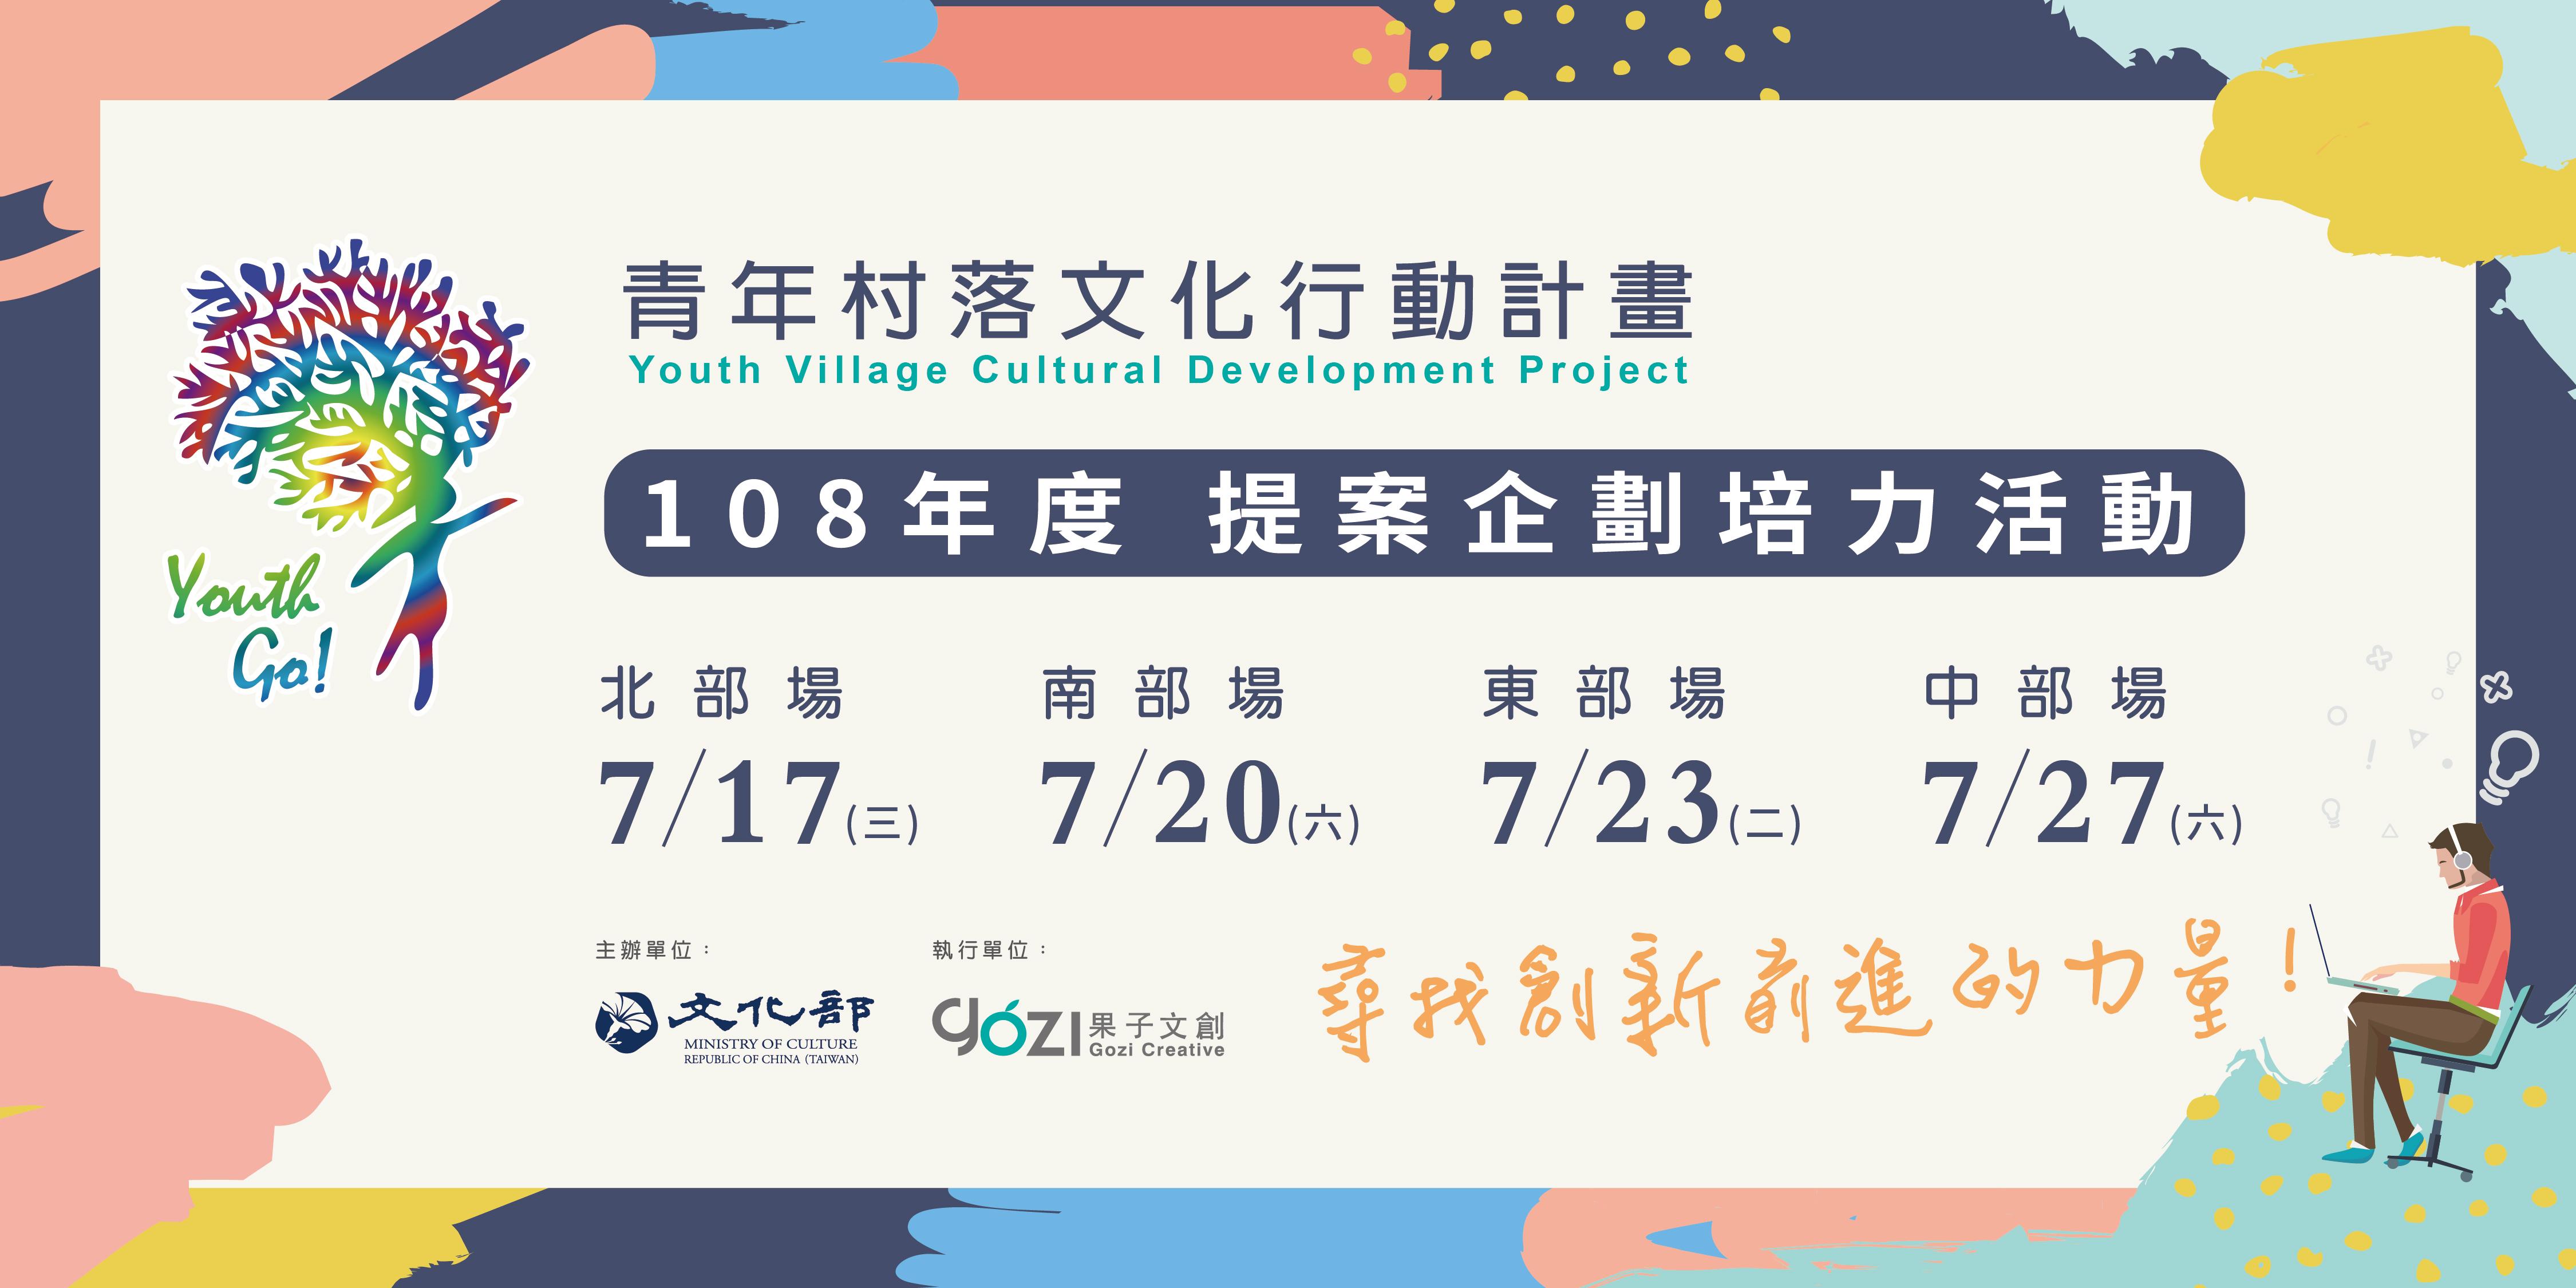 05.培力活動官方網站及臉書Banner_1080x540px-01.jpg